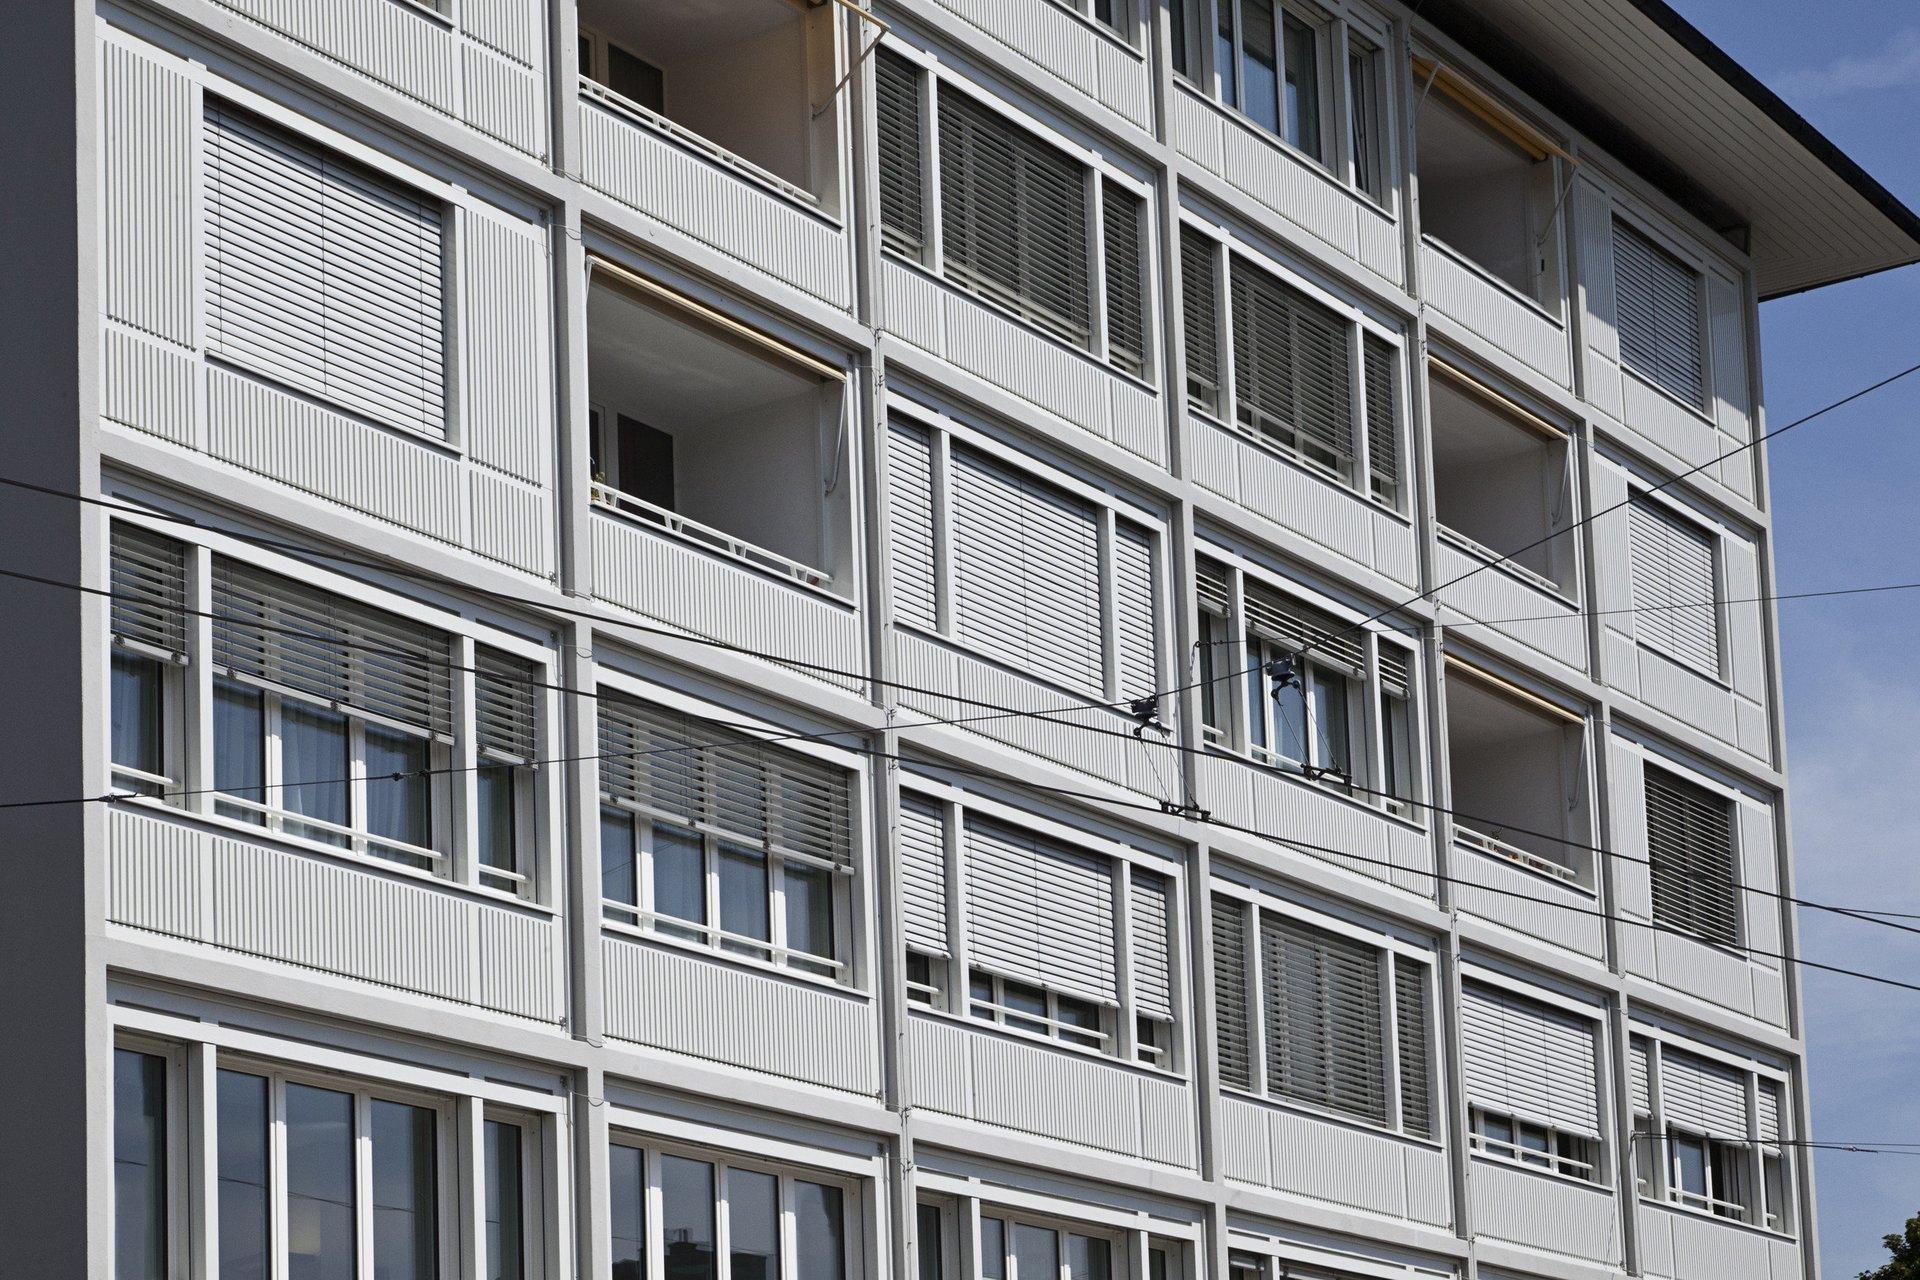 Fensterfront mehrstöckiges Gebäude mit mehrteiligen Fensterelementen